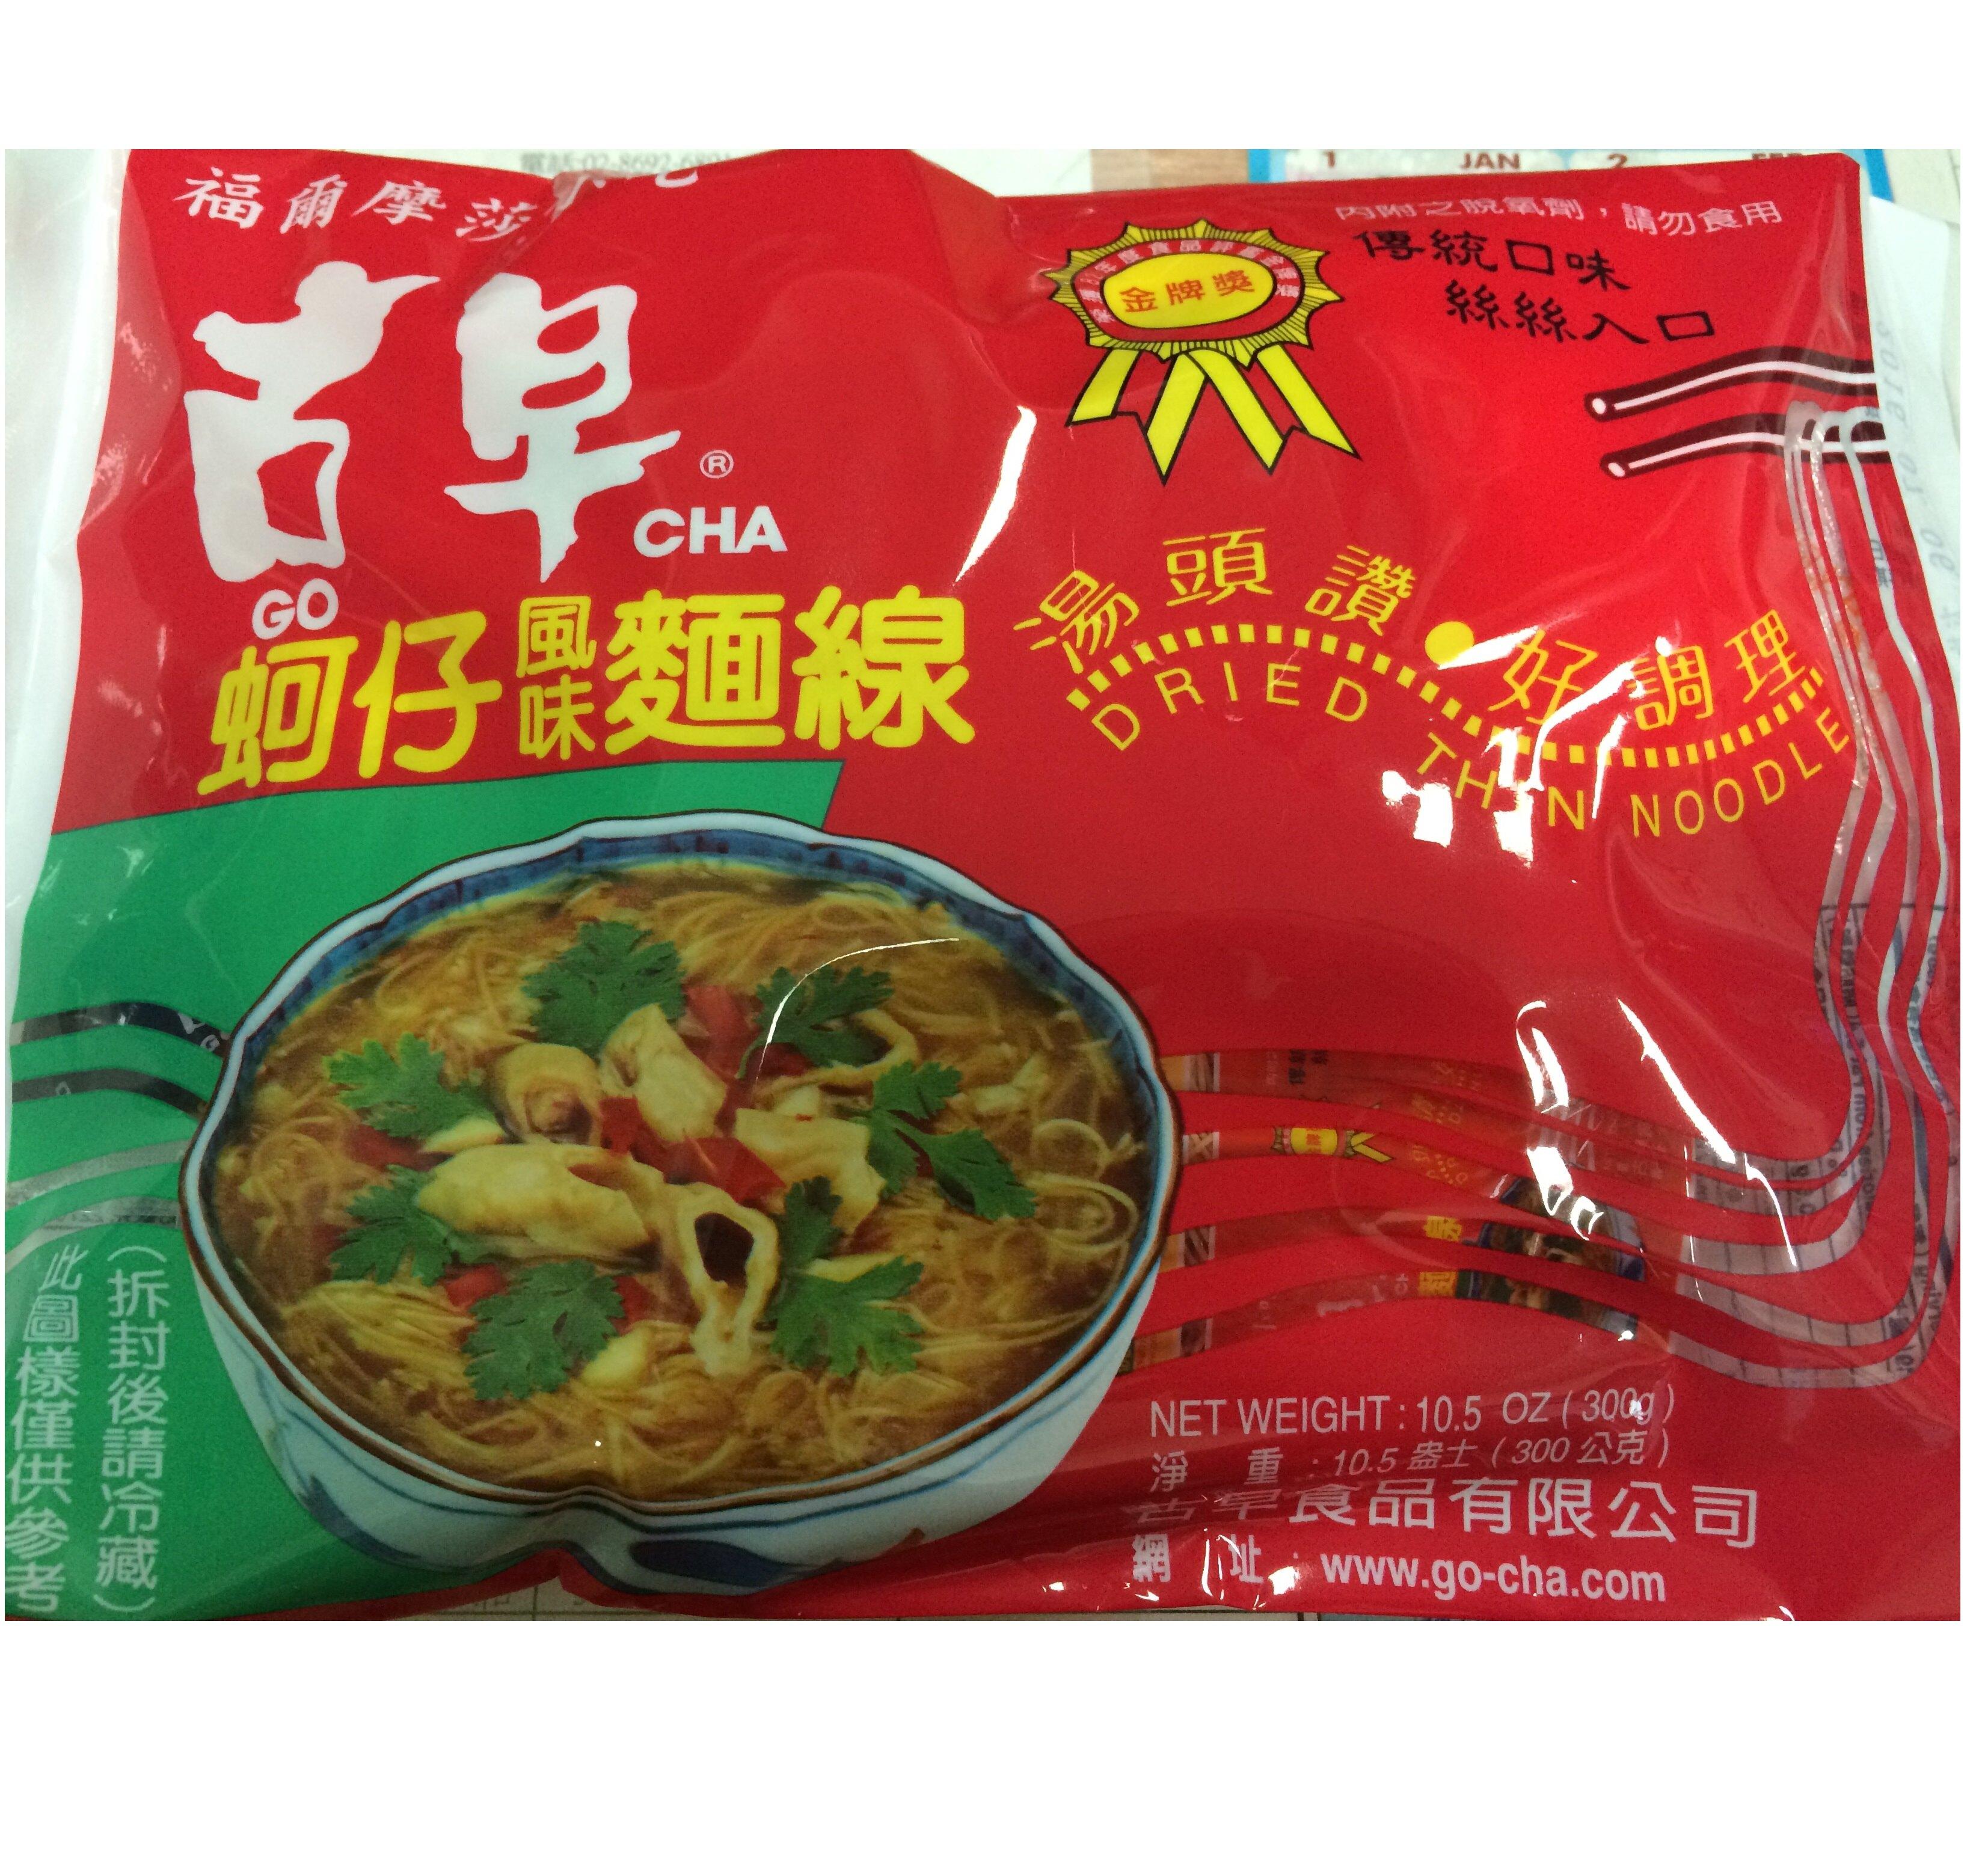 古早蚵仔風味麵線 300g 懶人包/傳統小吃/蚵仔麵線